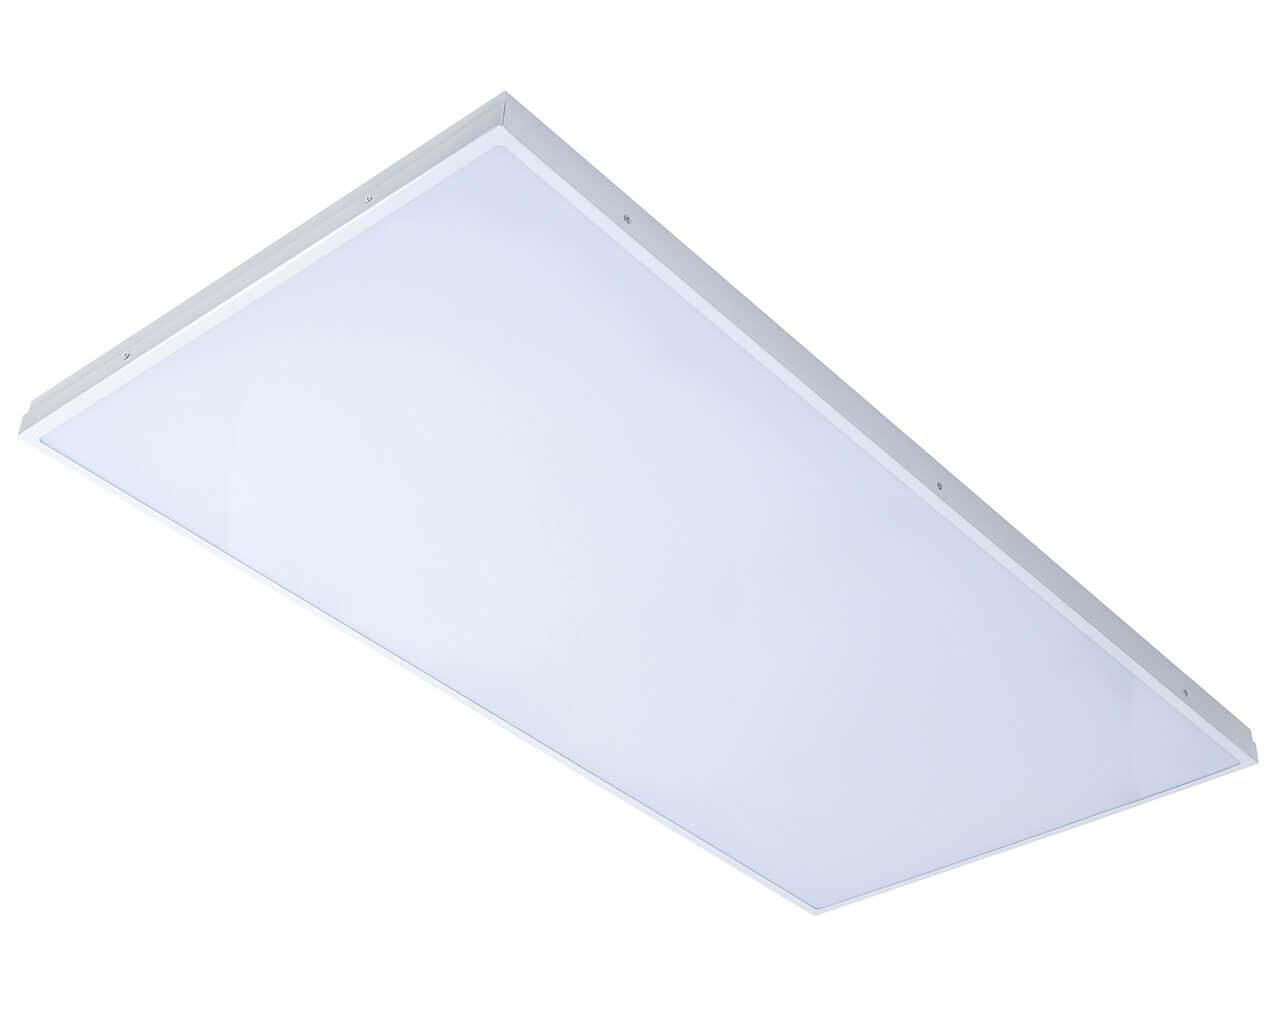 Универсальный светильник LC-SIP-80-OP 1195*595 Теплый белый Опал